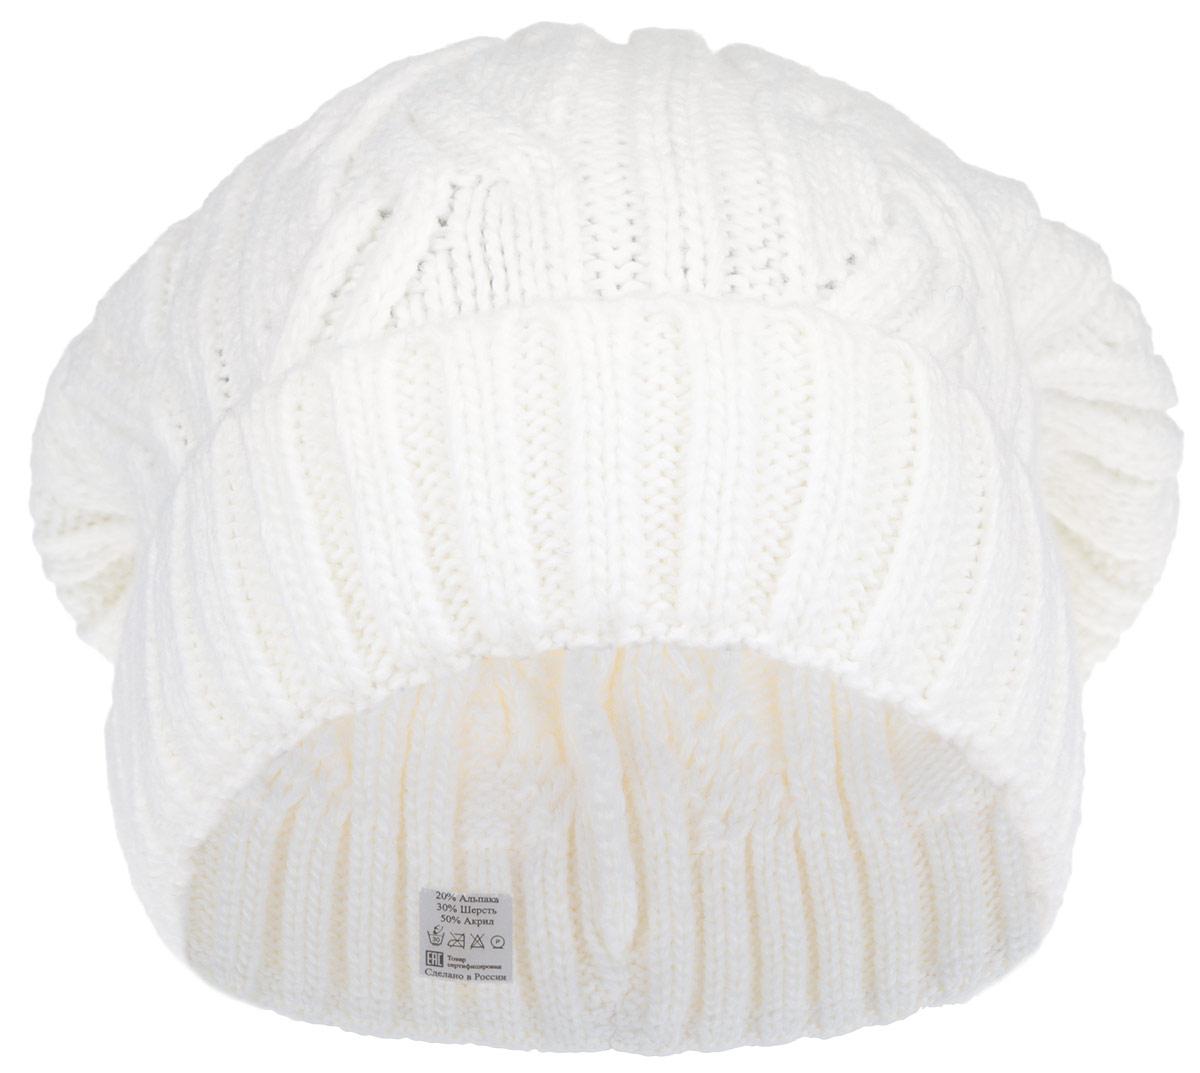 Шапка женская. 2-0012-001-001Стильная женская шапка Flioraj дополнит ваш наряд и не позволит вам замерзнуть в холодное время года. Шапка выполнена из высококачественной комбинированной пряжи из шерсти и акрила с добавлением альпаки, что позволяет ей великолепно сохранять тепло и обеспечивает высокую эластичность и удобство посадки. Шапка оформлена объемным вязаным узором и дополнена эластичной резинкой снизу. Такая шапка станет модным и стильным дополнением вашего зимнего гардероба, великолепно подойдет для активного отдыха и занятия спортом. Она согреет вас и позволит вам подчеркнуть свою индивидуальность! Уважаемые клиенты! Размер, доступный для заказа, является обхватом головы.